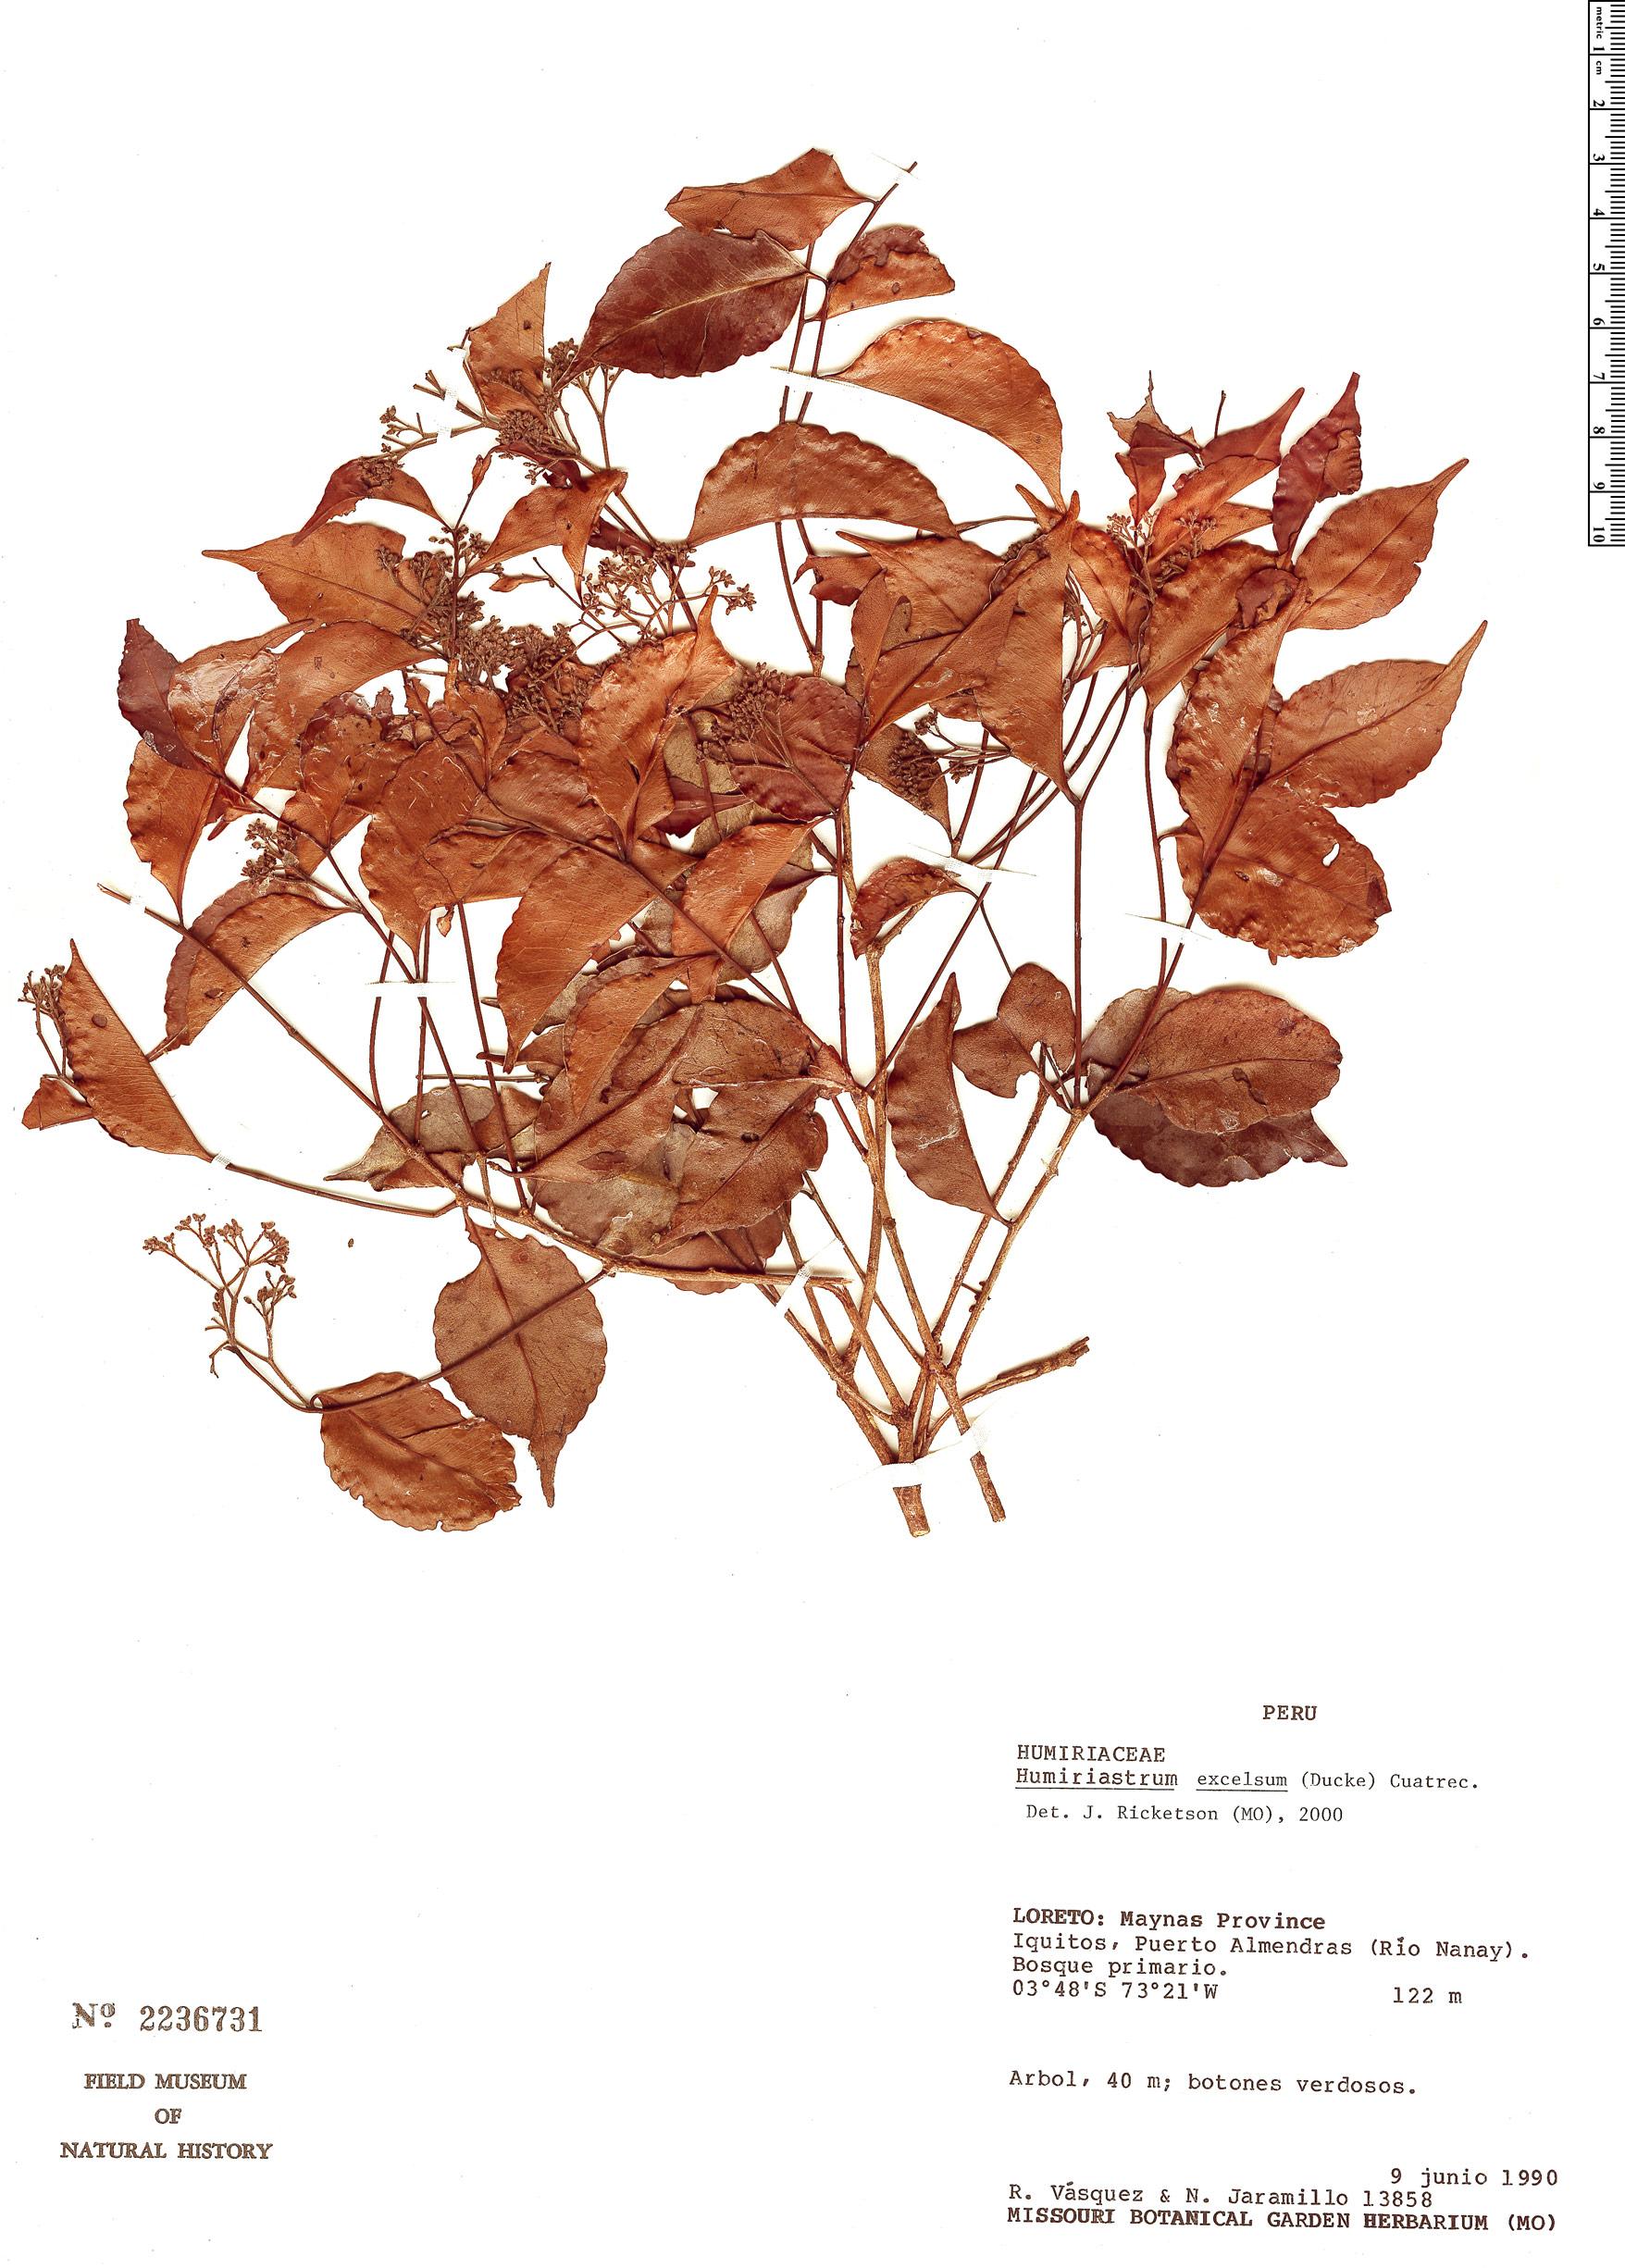 Specimen: Humiriastrum excelsum